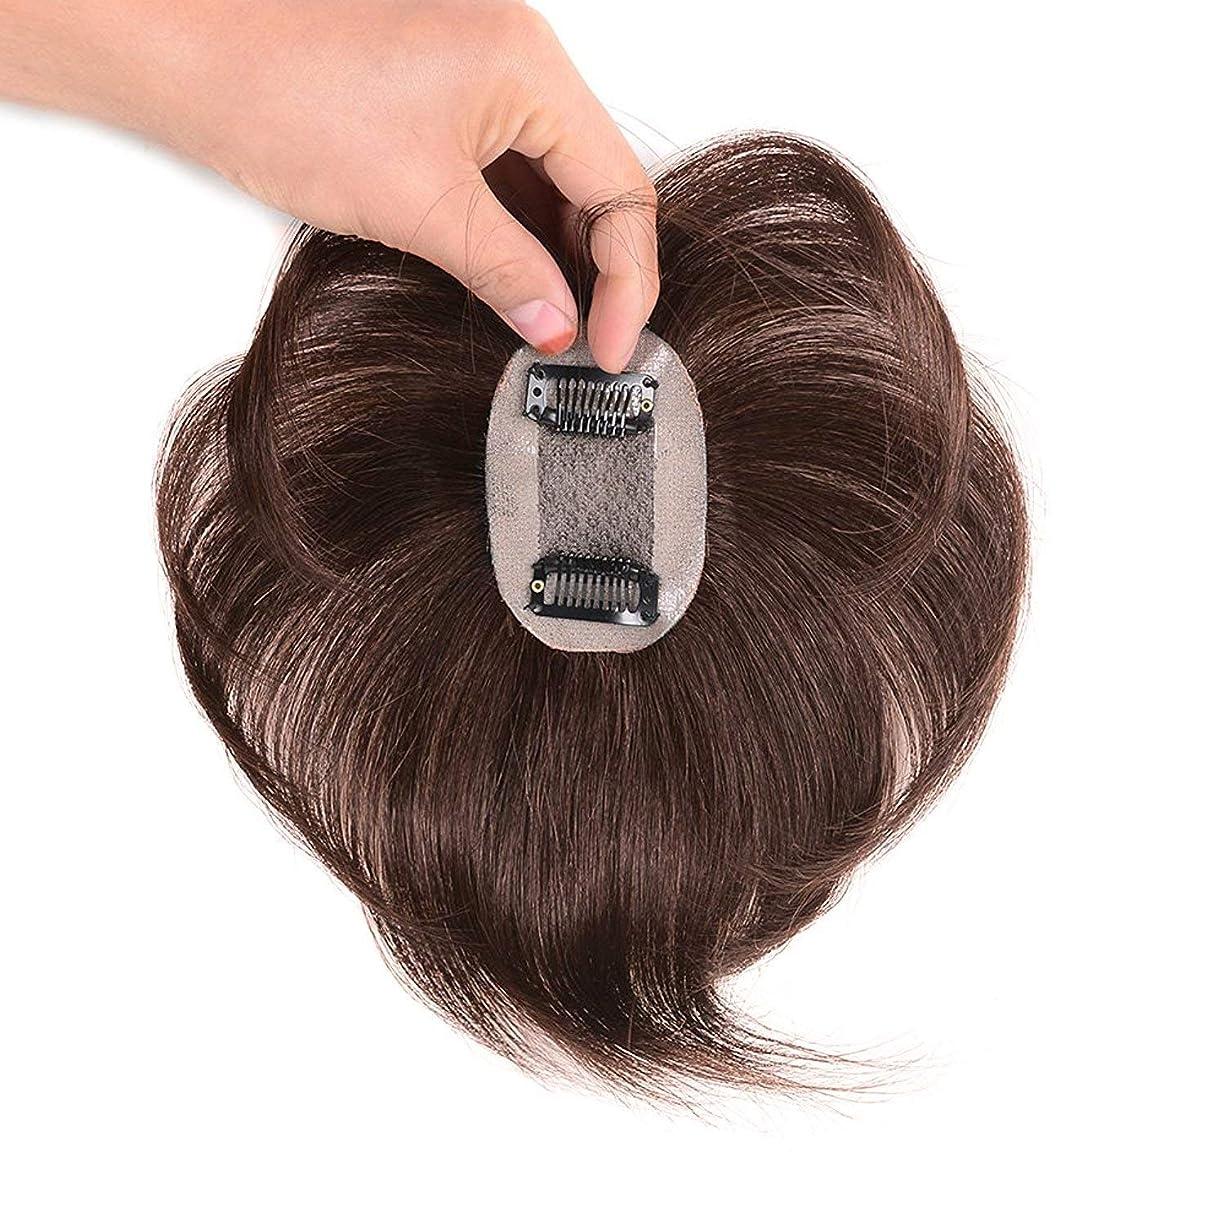 磨かれた地図帰する【ASSE】ウィッグ ストレートヘアー 通気 ウイッグ かつら 総手植え人毛100% 脱毛隠しヘアーピース つむじ人工スキン